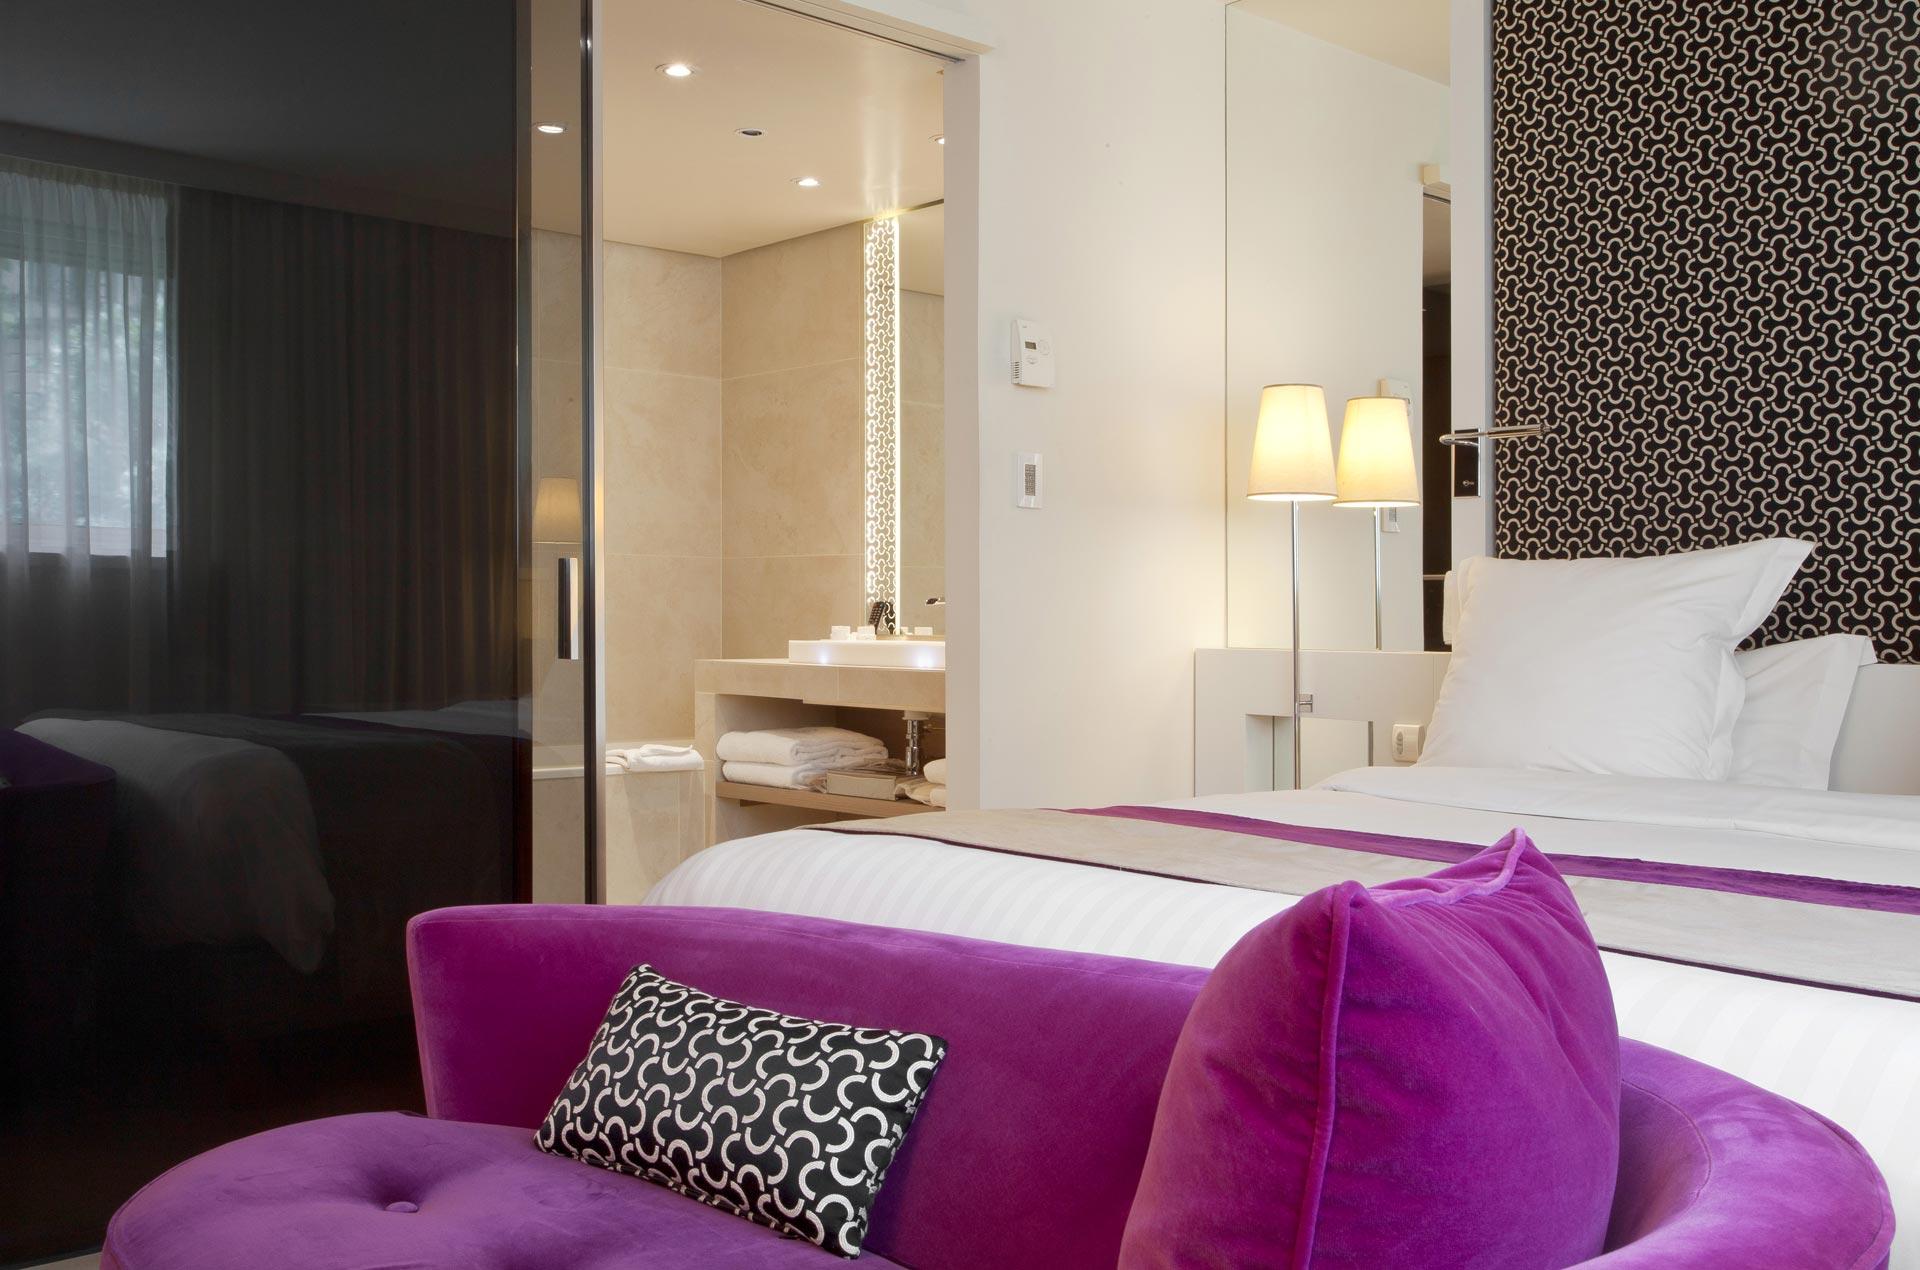 Le renouveau de la villa maillot spa luxsure for Salon de la salle de bain paris